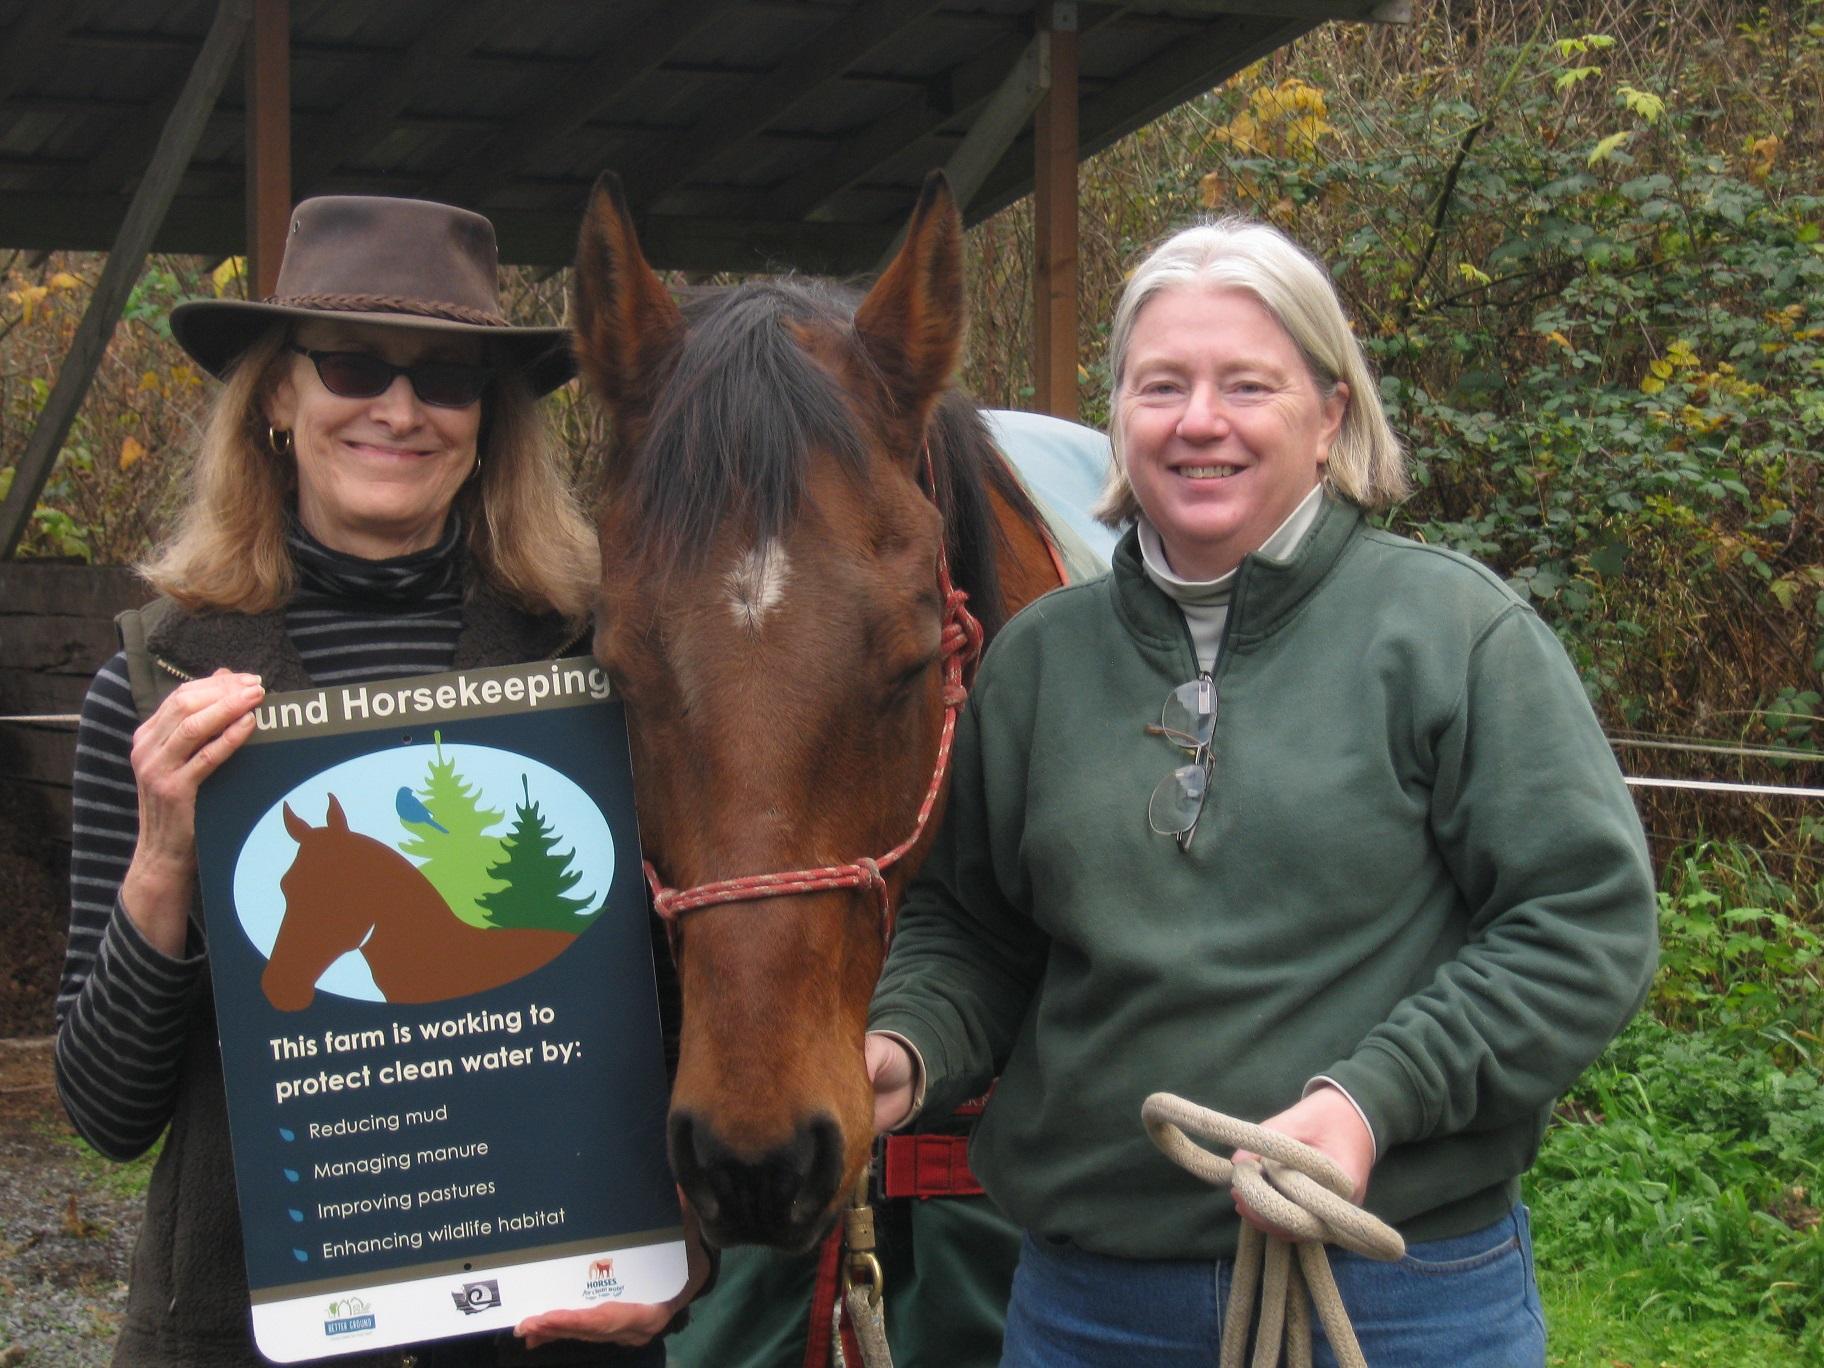 Joan Deutsch & Jan Capps (Friends of the Seattle Mounted Patrol) resized.jpg